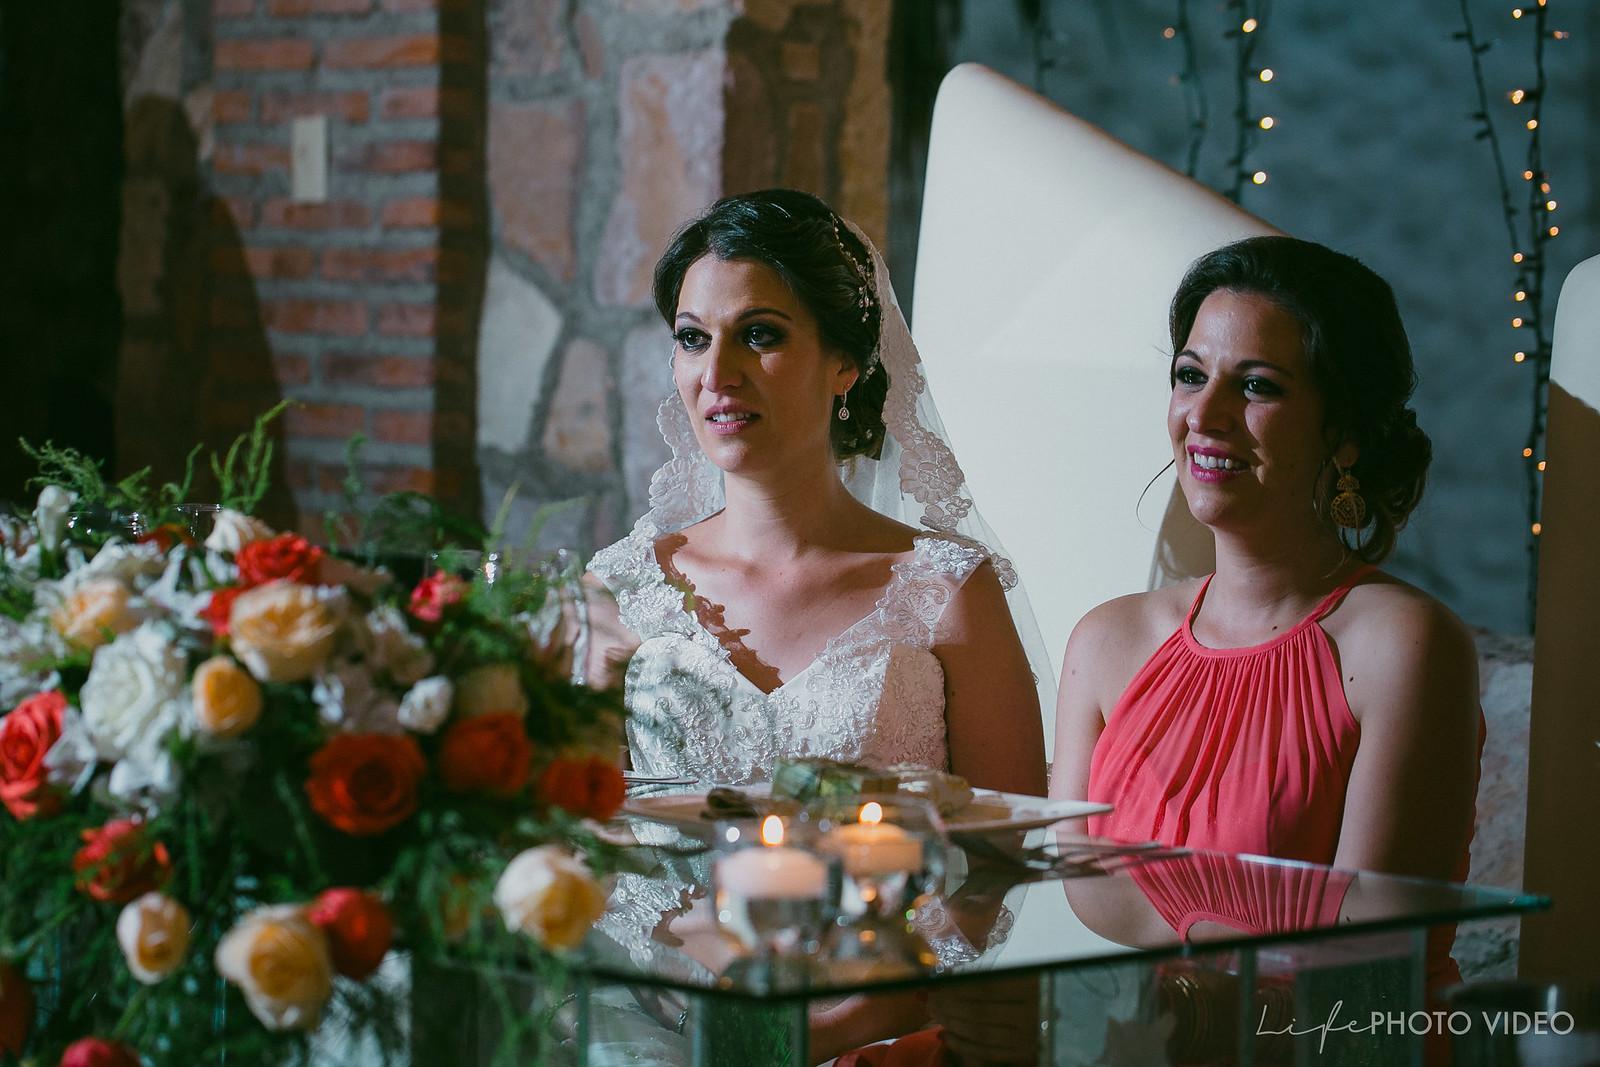 LifePhotoVideo_Boda_LeonGto_Wedding_0022.jpg